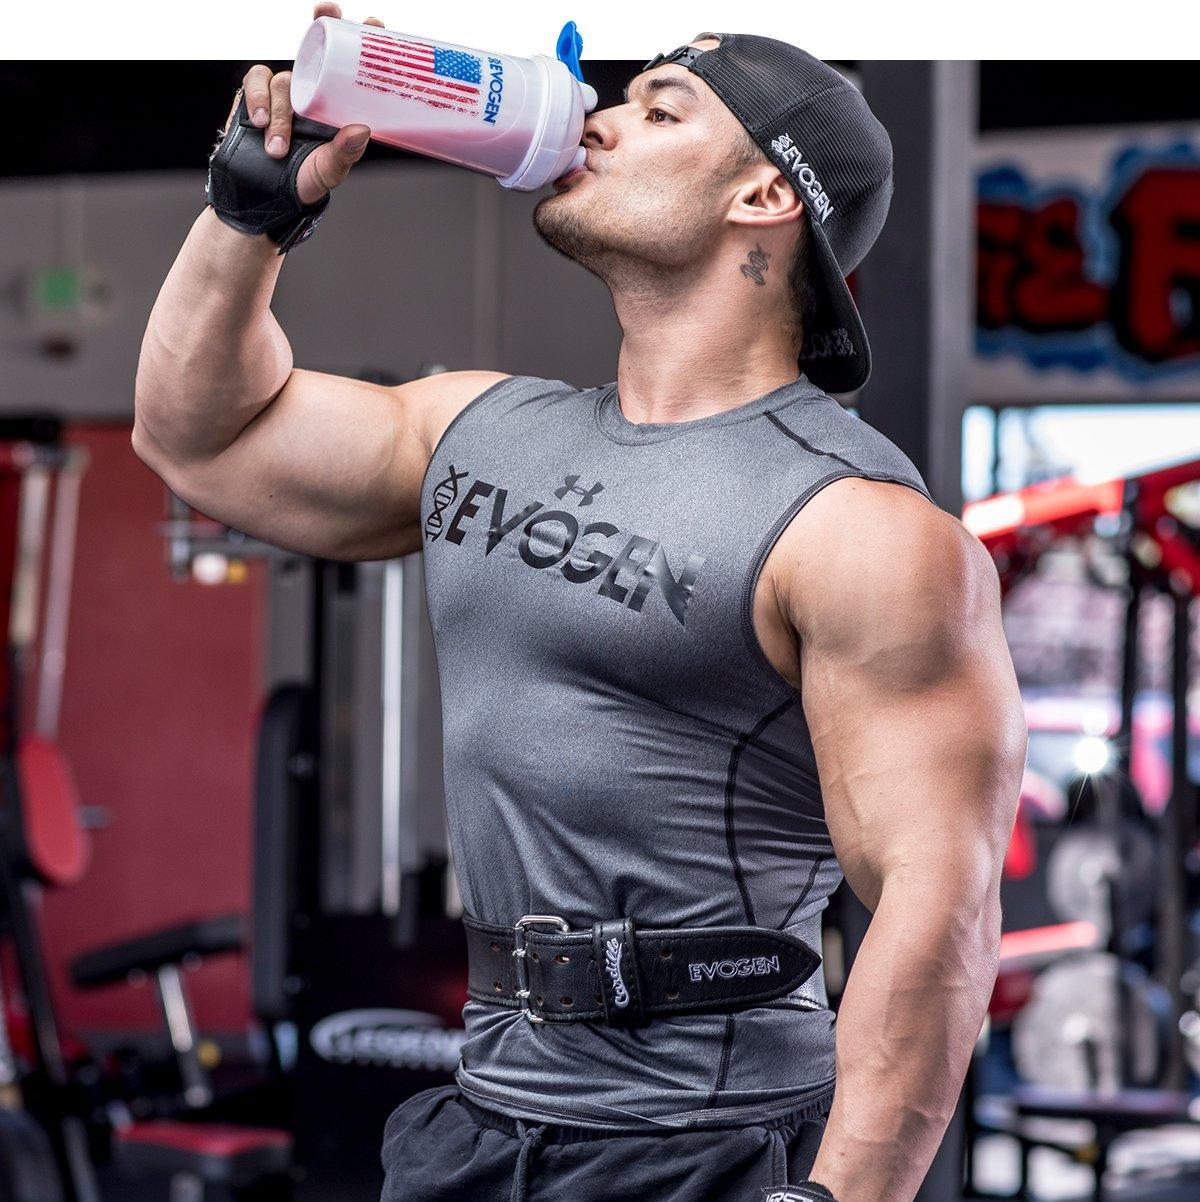 fst supplements